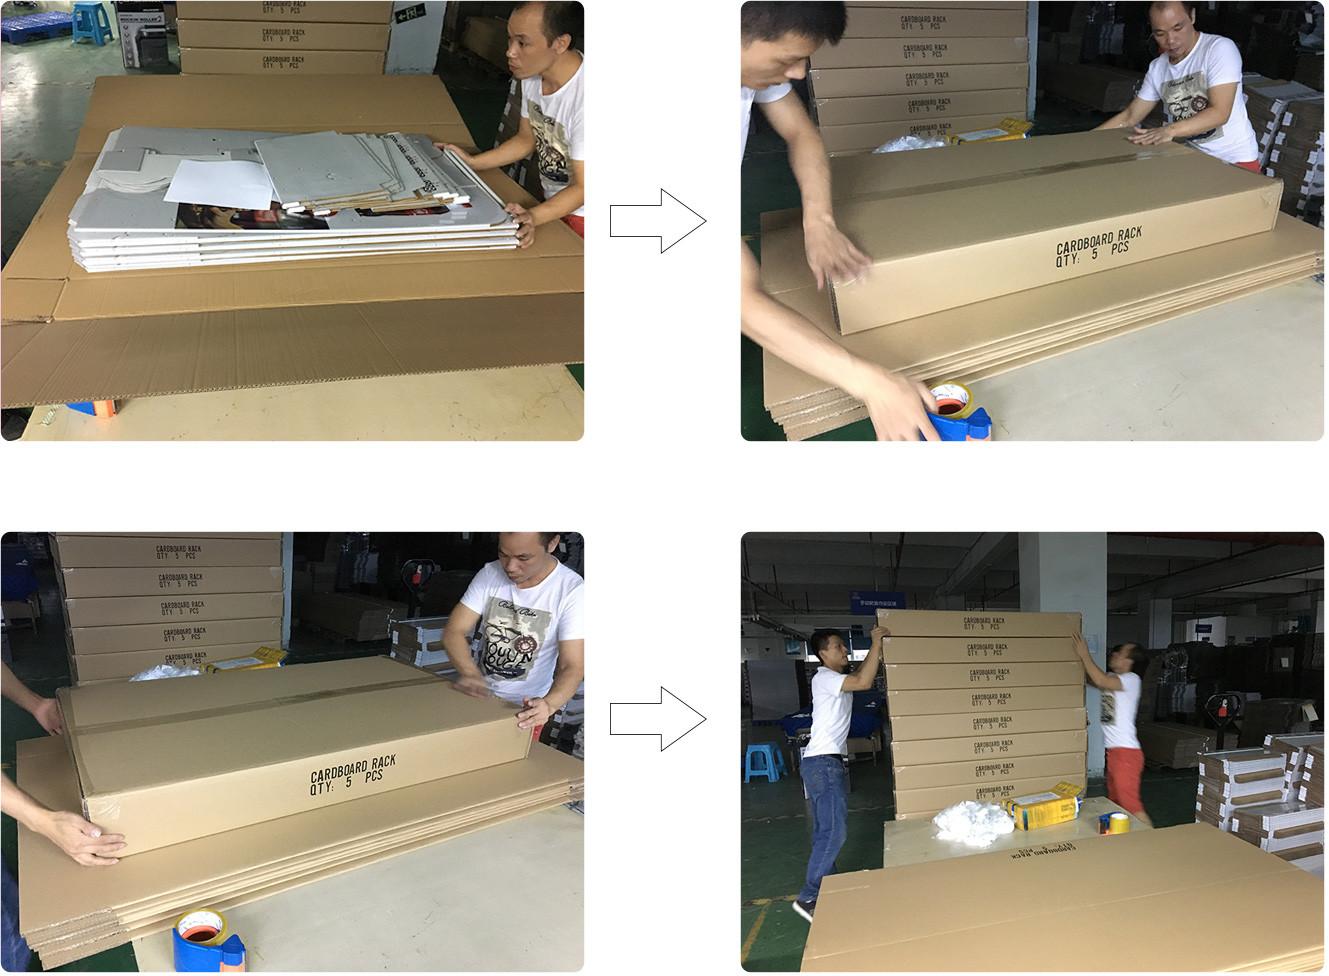 SAFEKA -Pos Hanging Display Stand Cardboard Hanging Retail Display-3